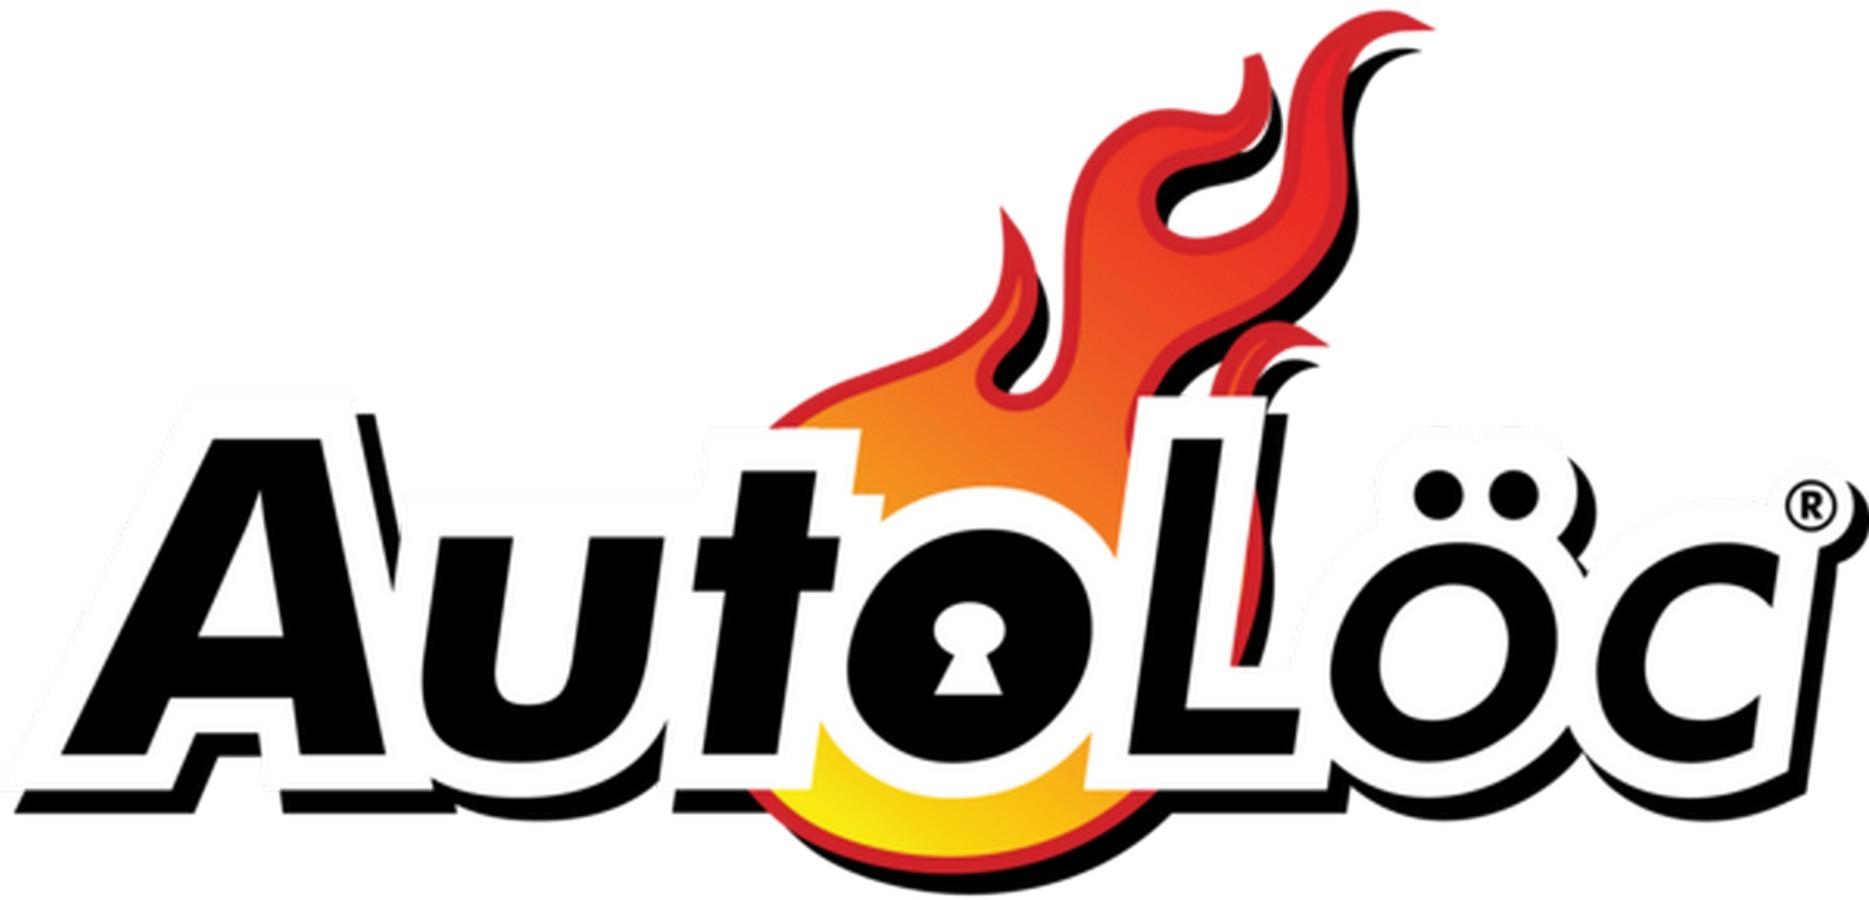 AutoLoc 2013